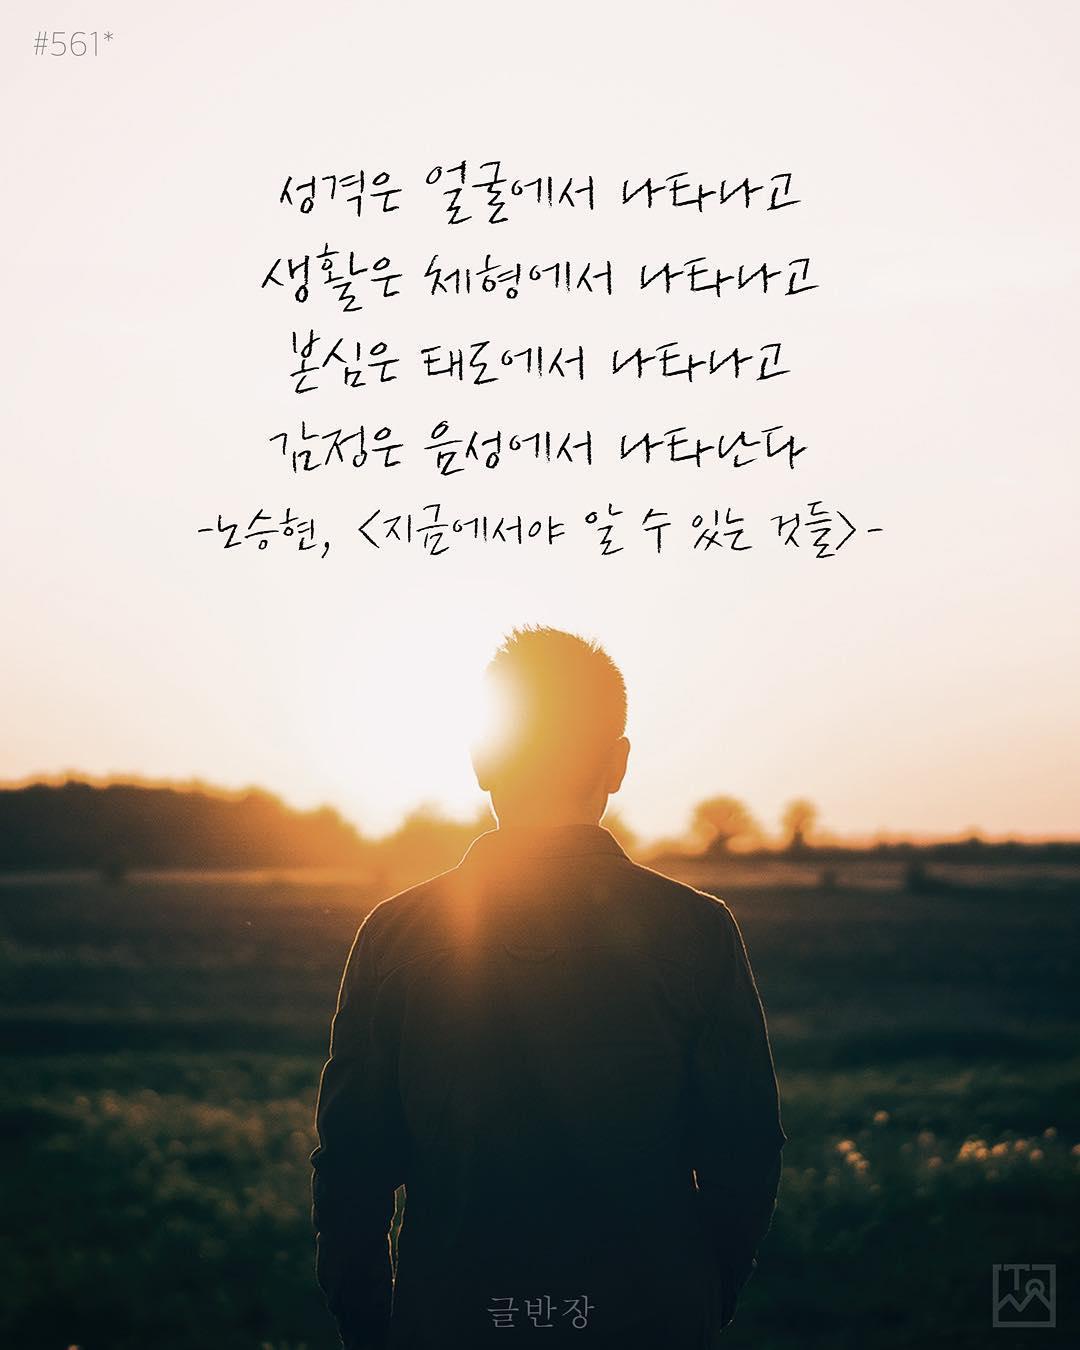 나타남 - 노승현, <지금에서야 알 수 있는 것들>